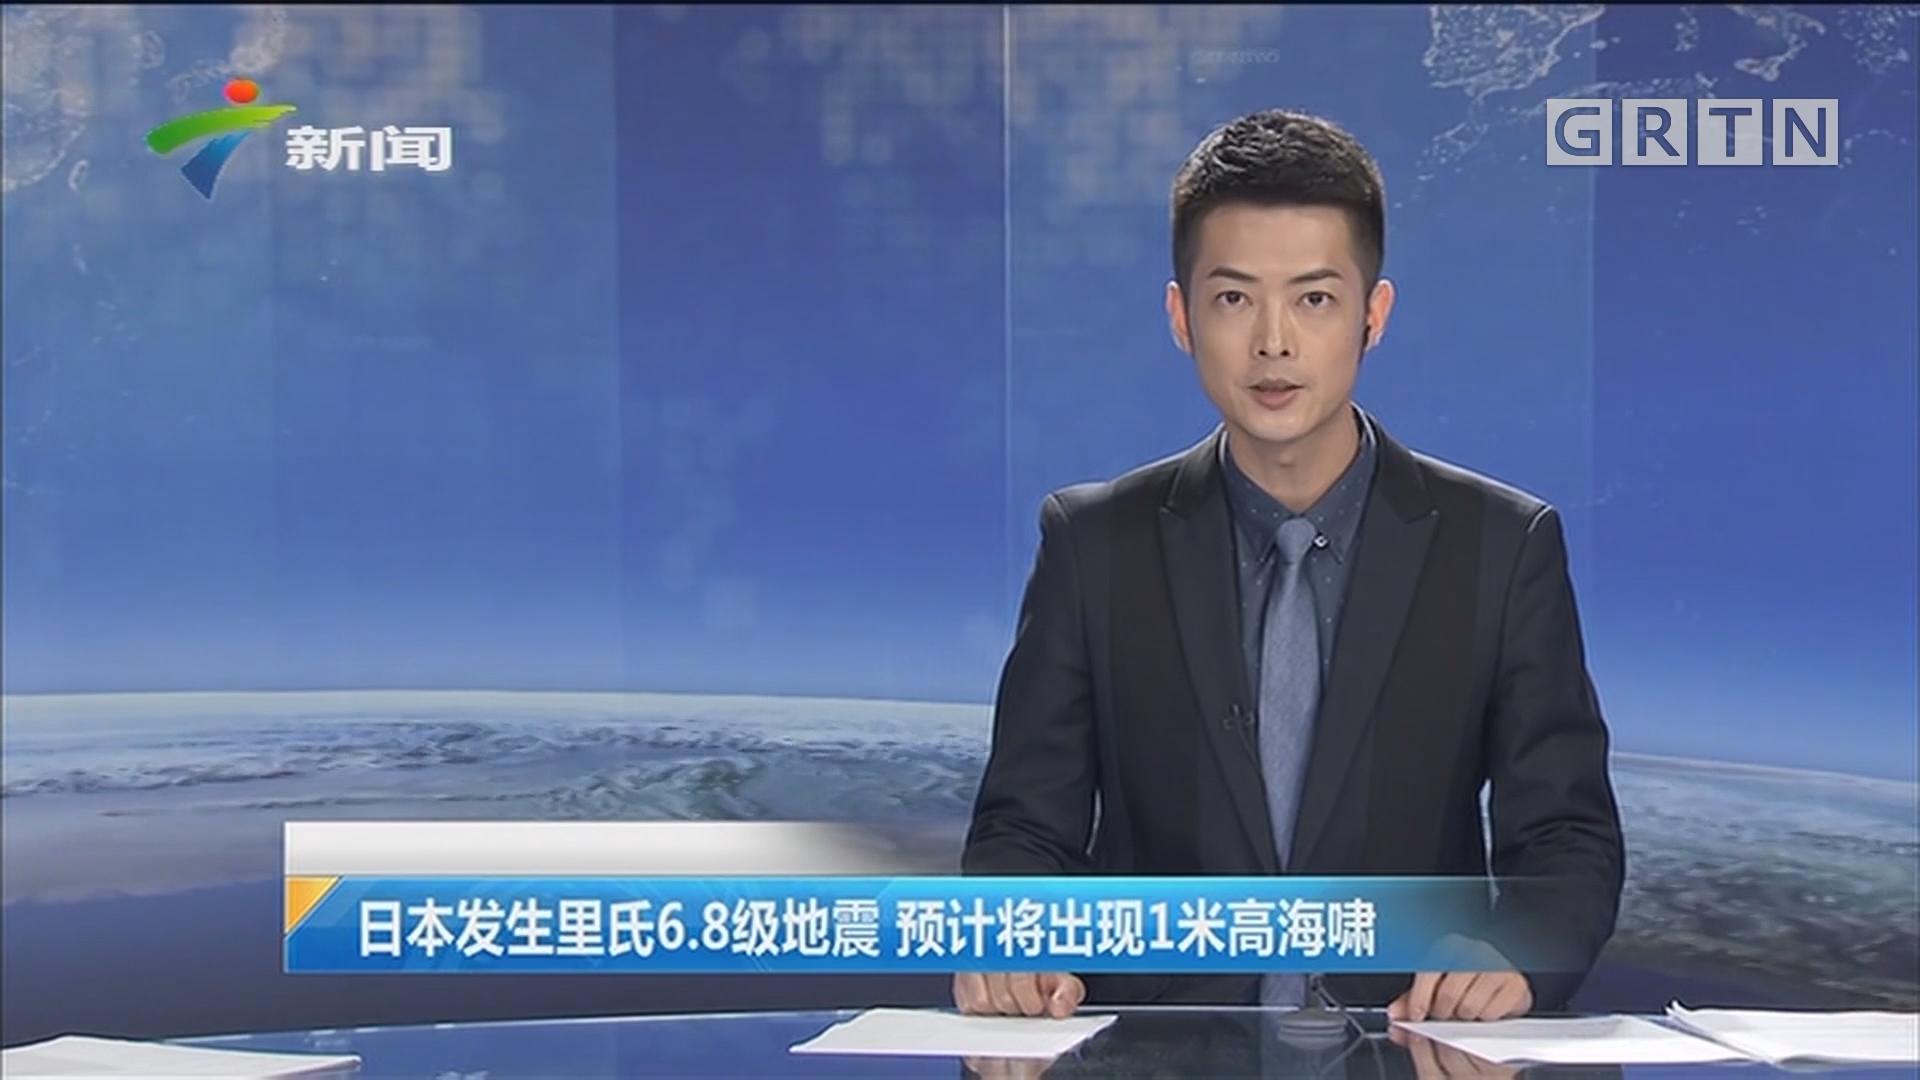 日本发生里氏6.8级地震 预计将出现1米高海啸